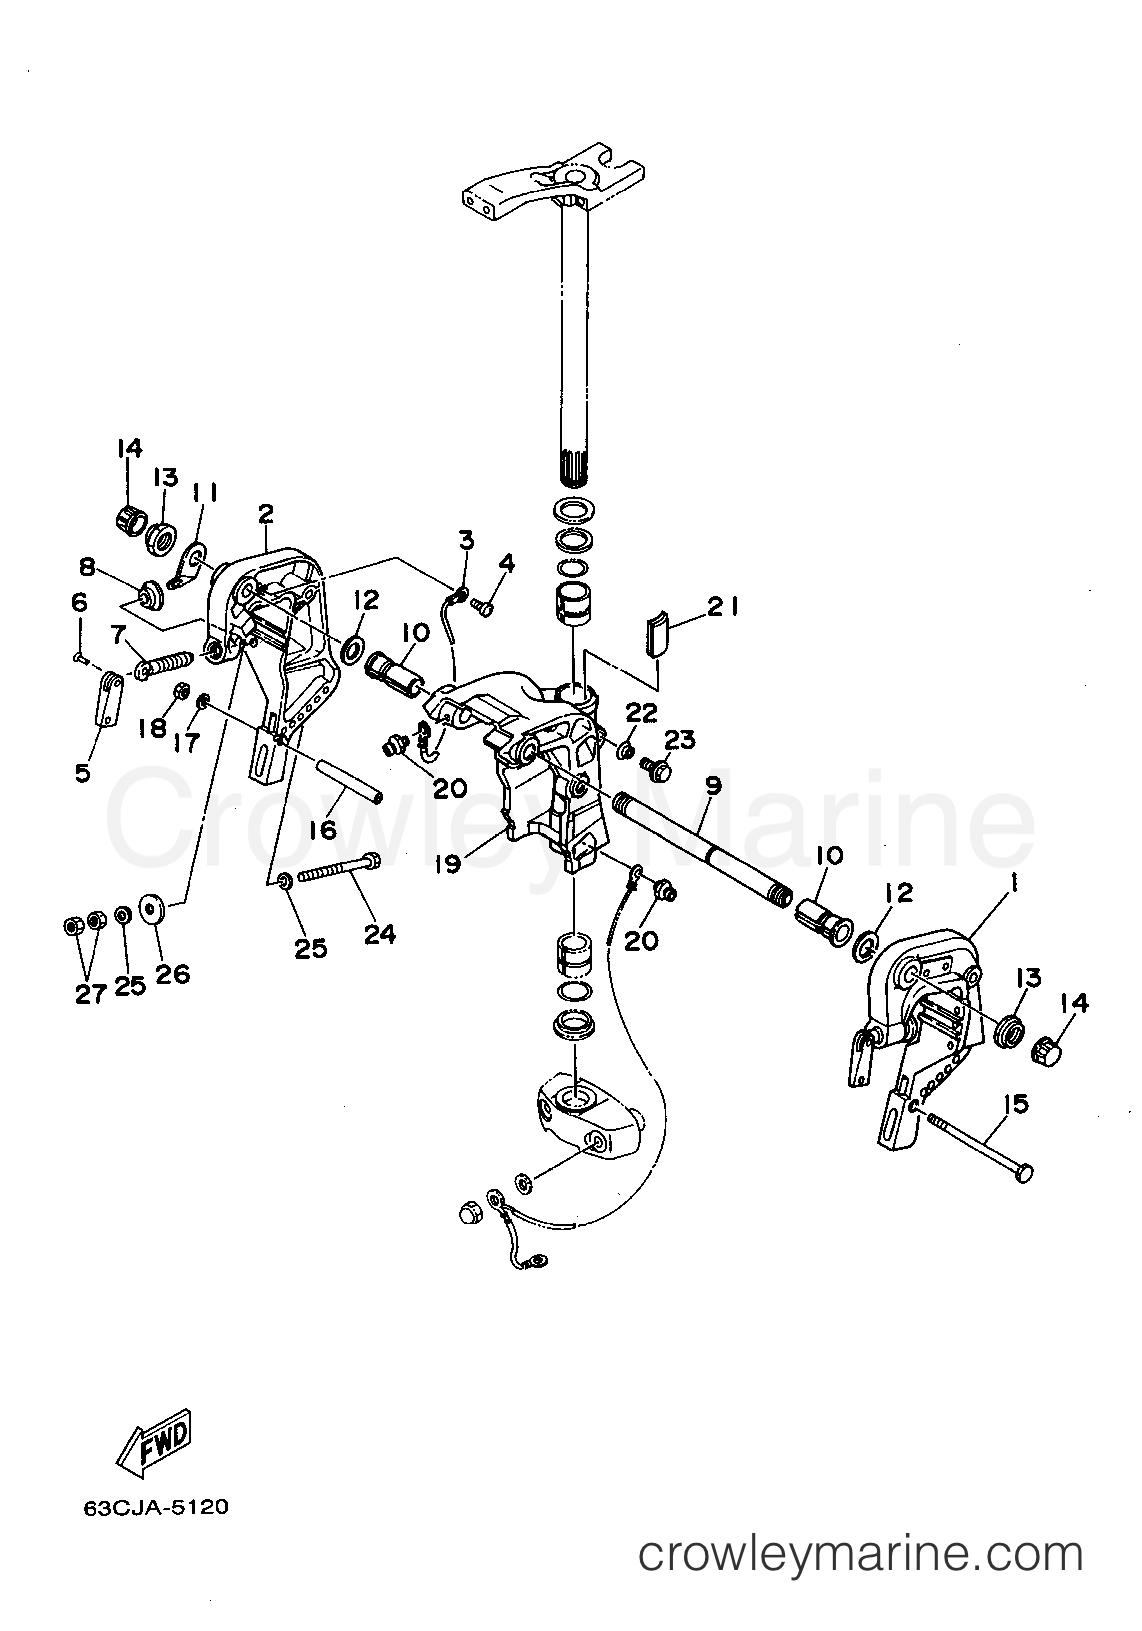 Yamaha Outboard Parts Manual